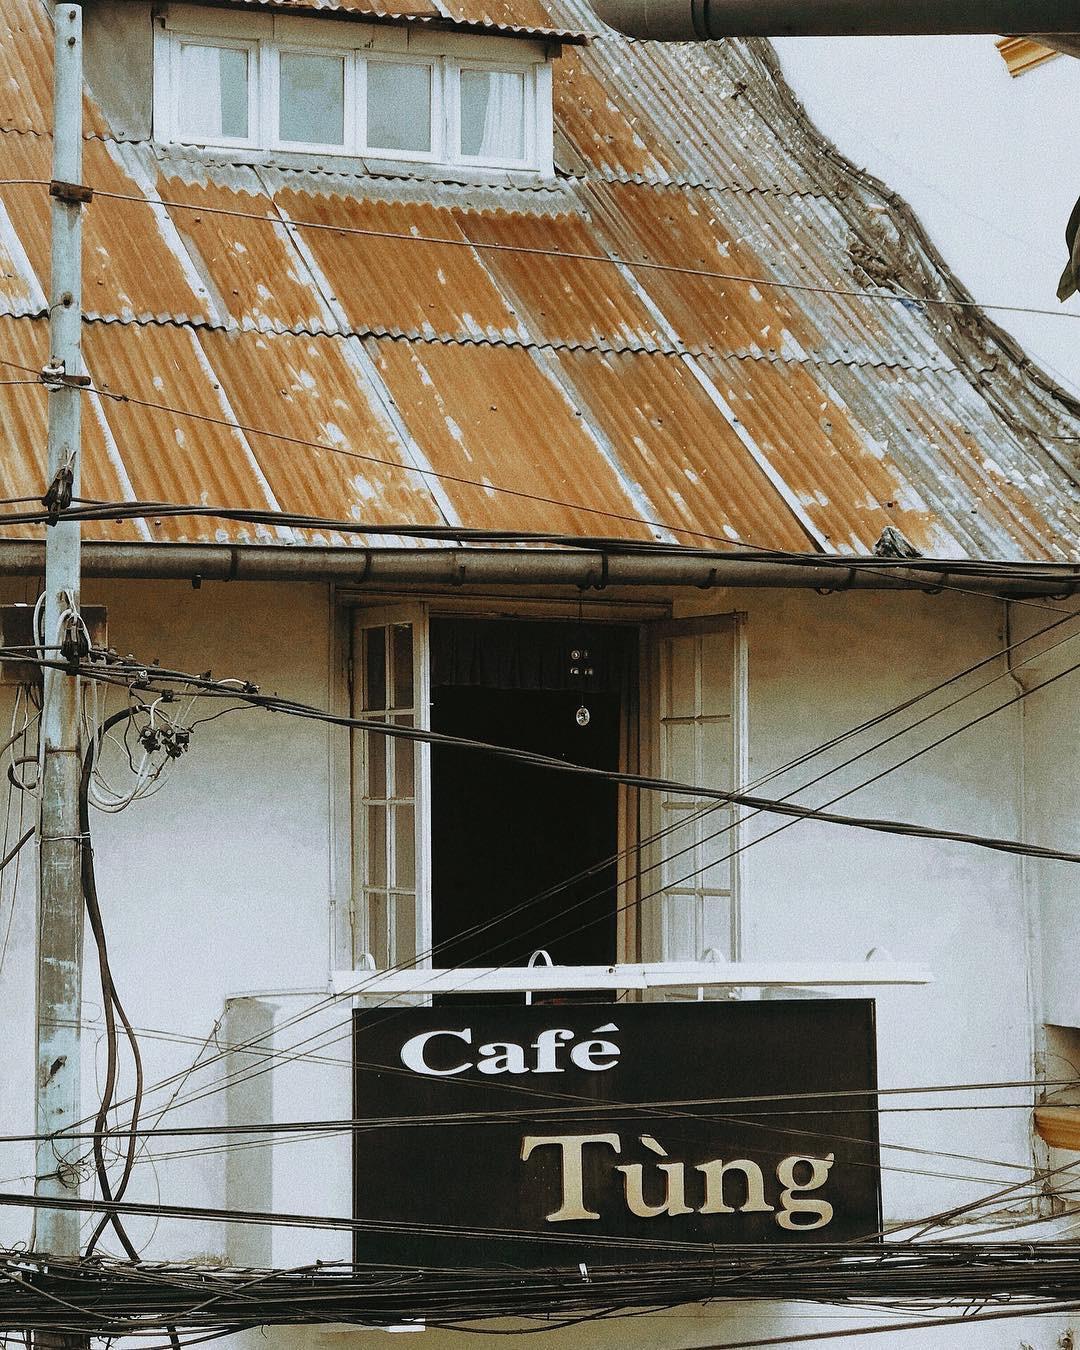 Cafe Tùng và những miền ký ức chưa kể về một hồn thơ Đà Lạt rất riêng, rất cũ giữa thời hiện đại! - Ảnh 4.